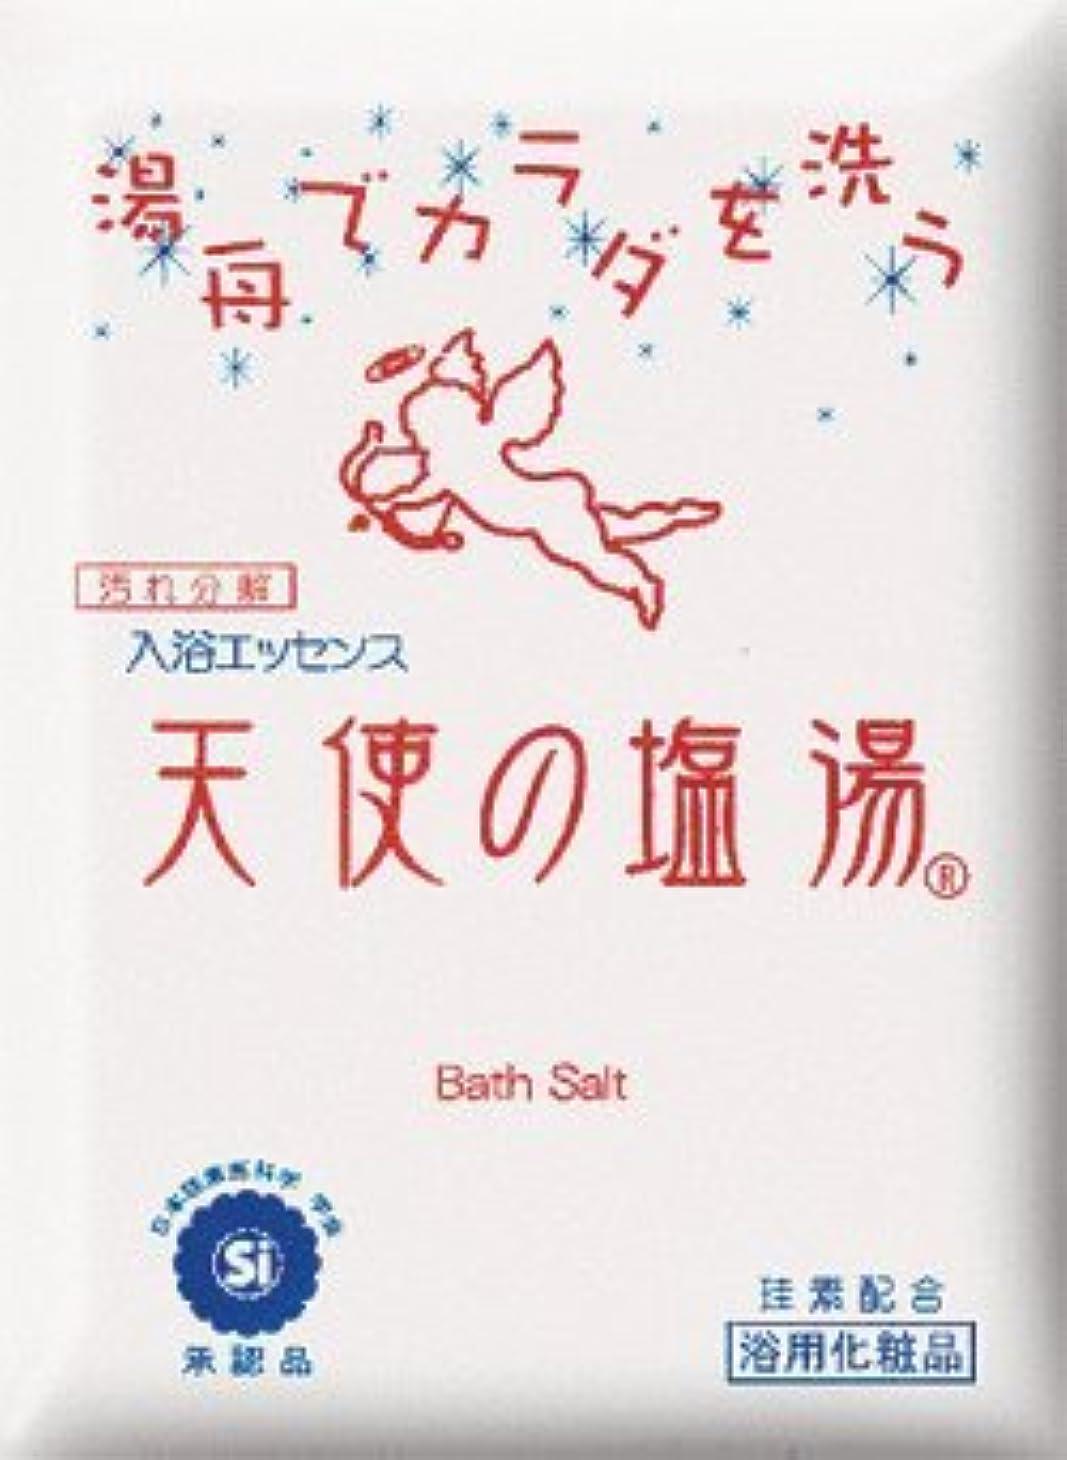 シーボード家主微視的天使の塩湯 (70g×20袋) ※浴槽でカラダを洗う!入浴エッセンス!